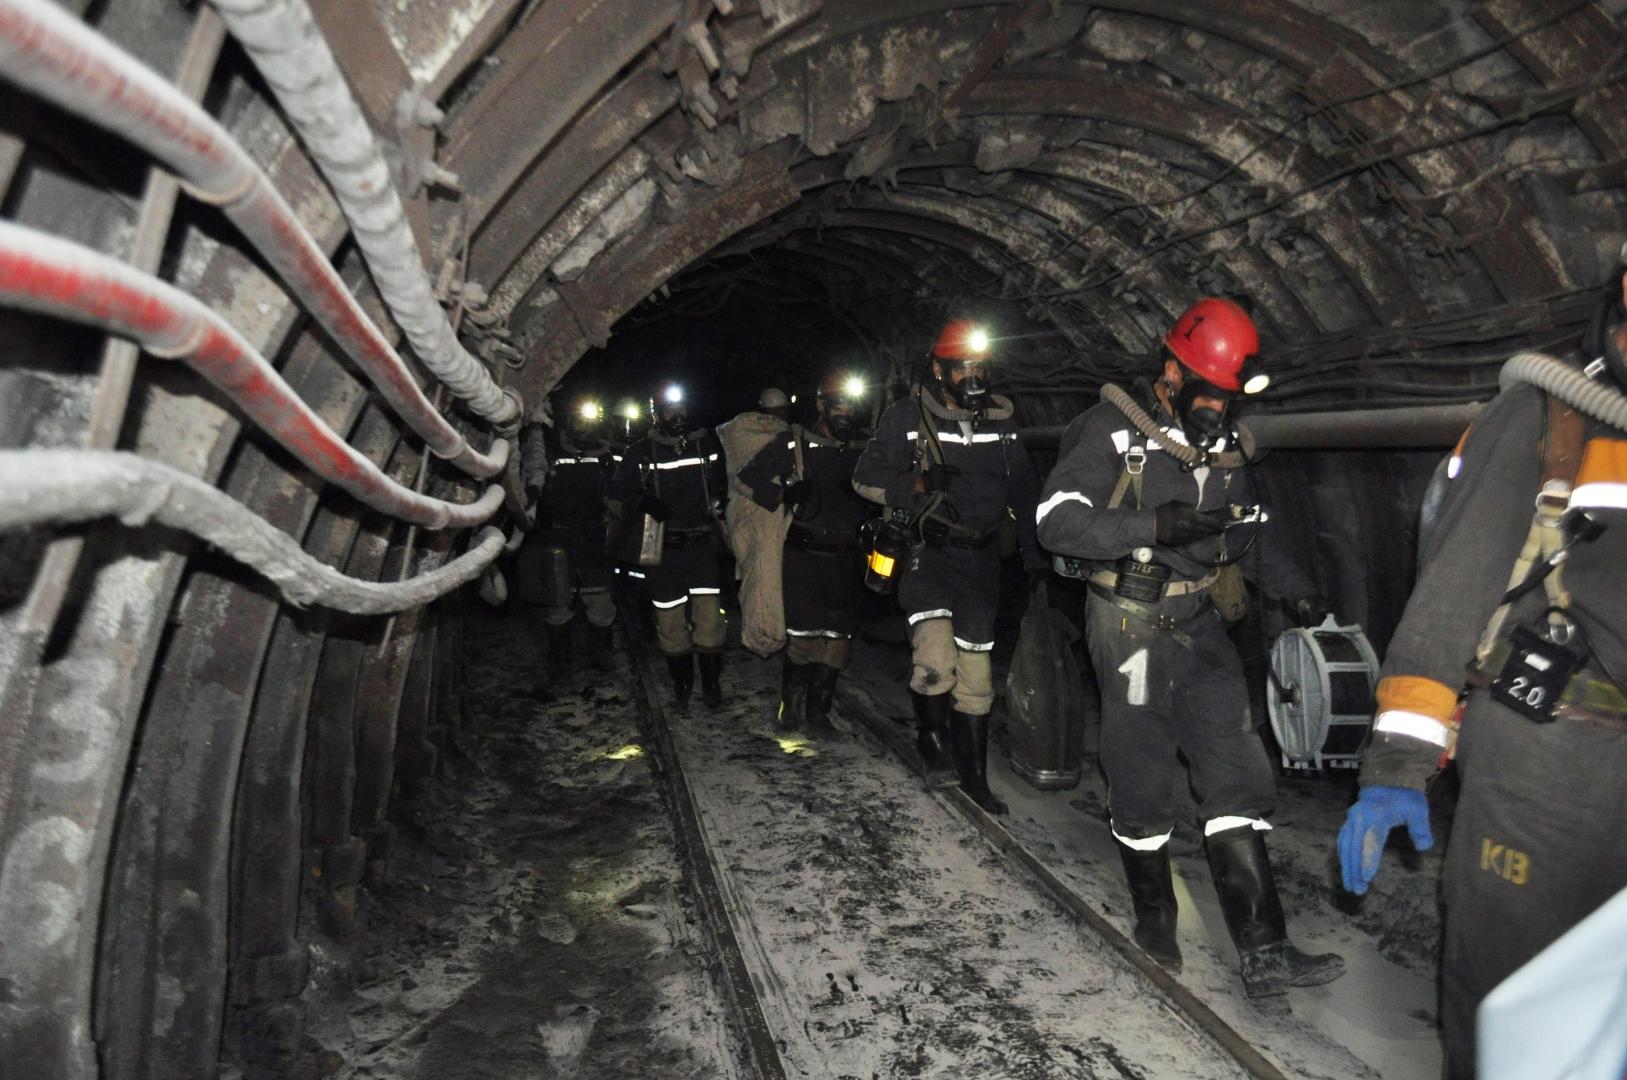 созданием смотреть фото спасателей в шахте это какие